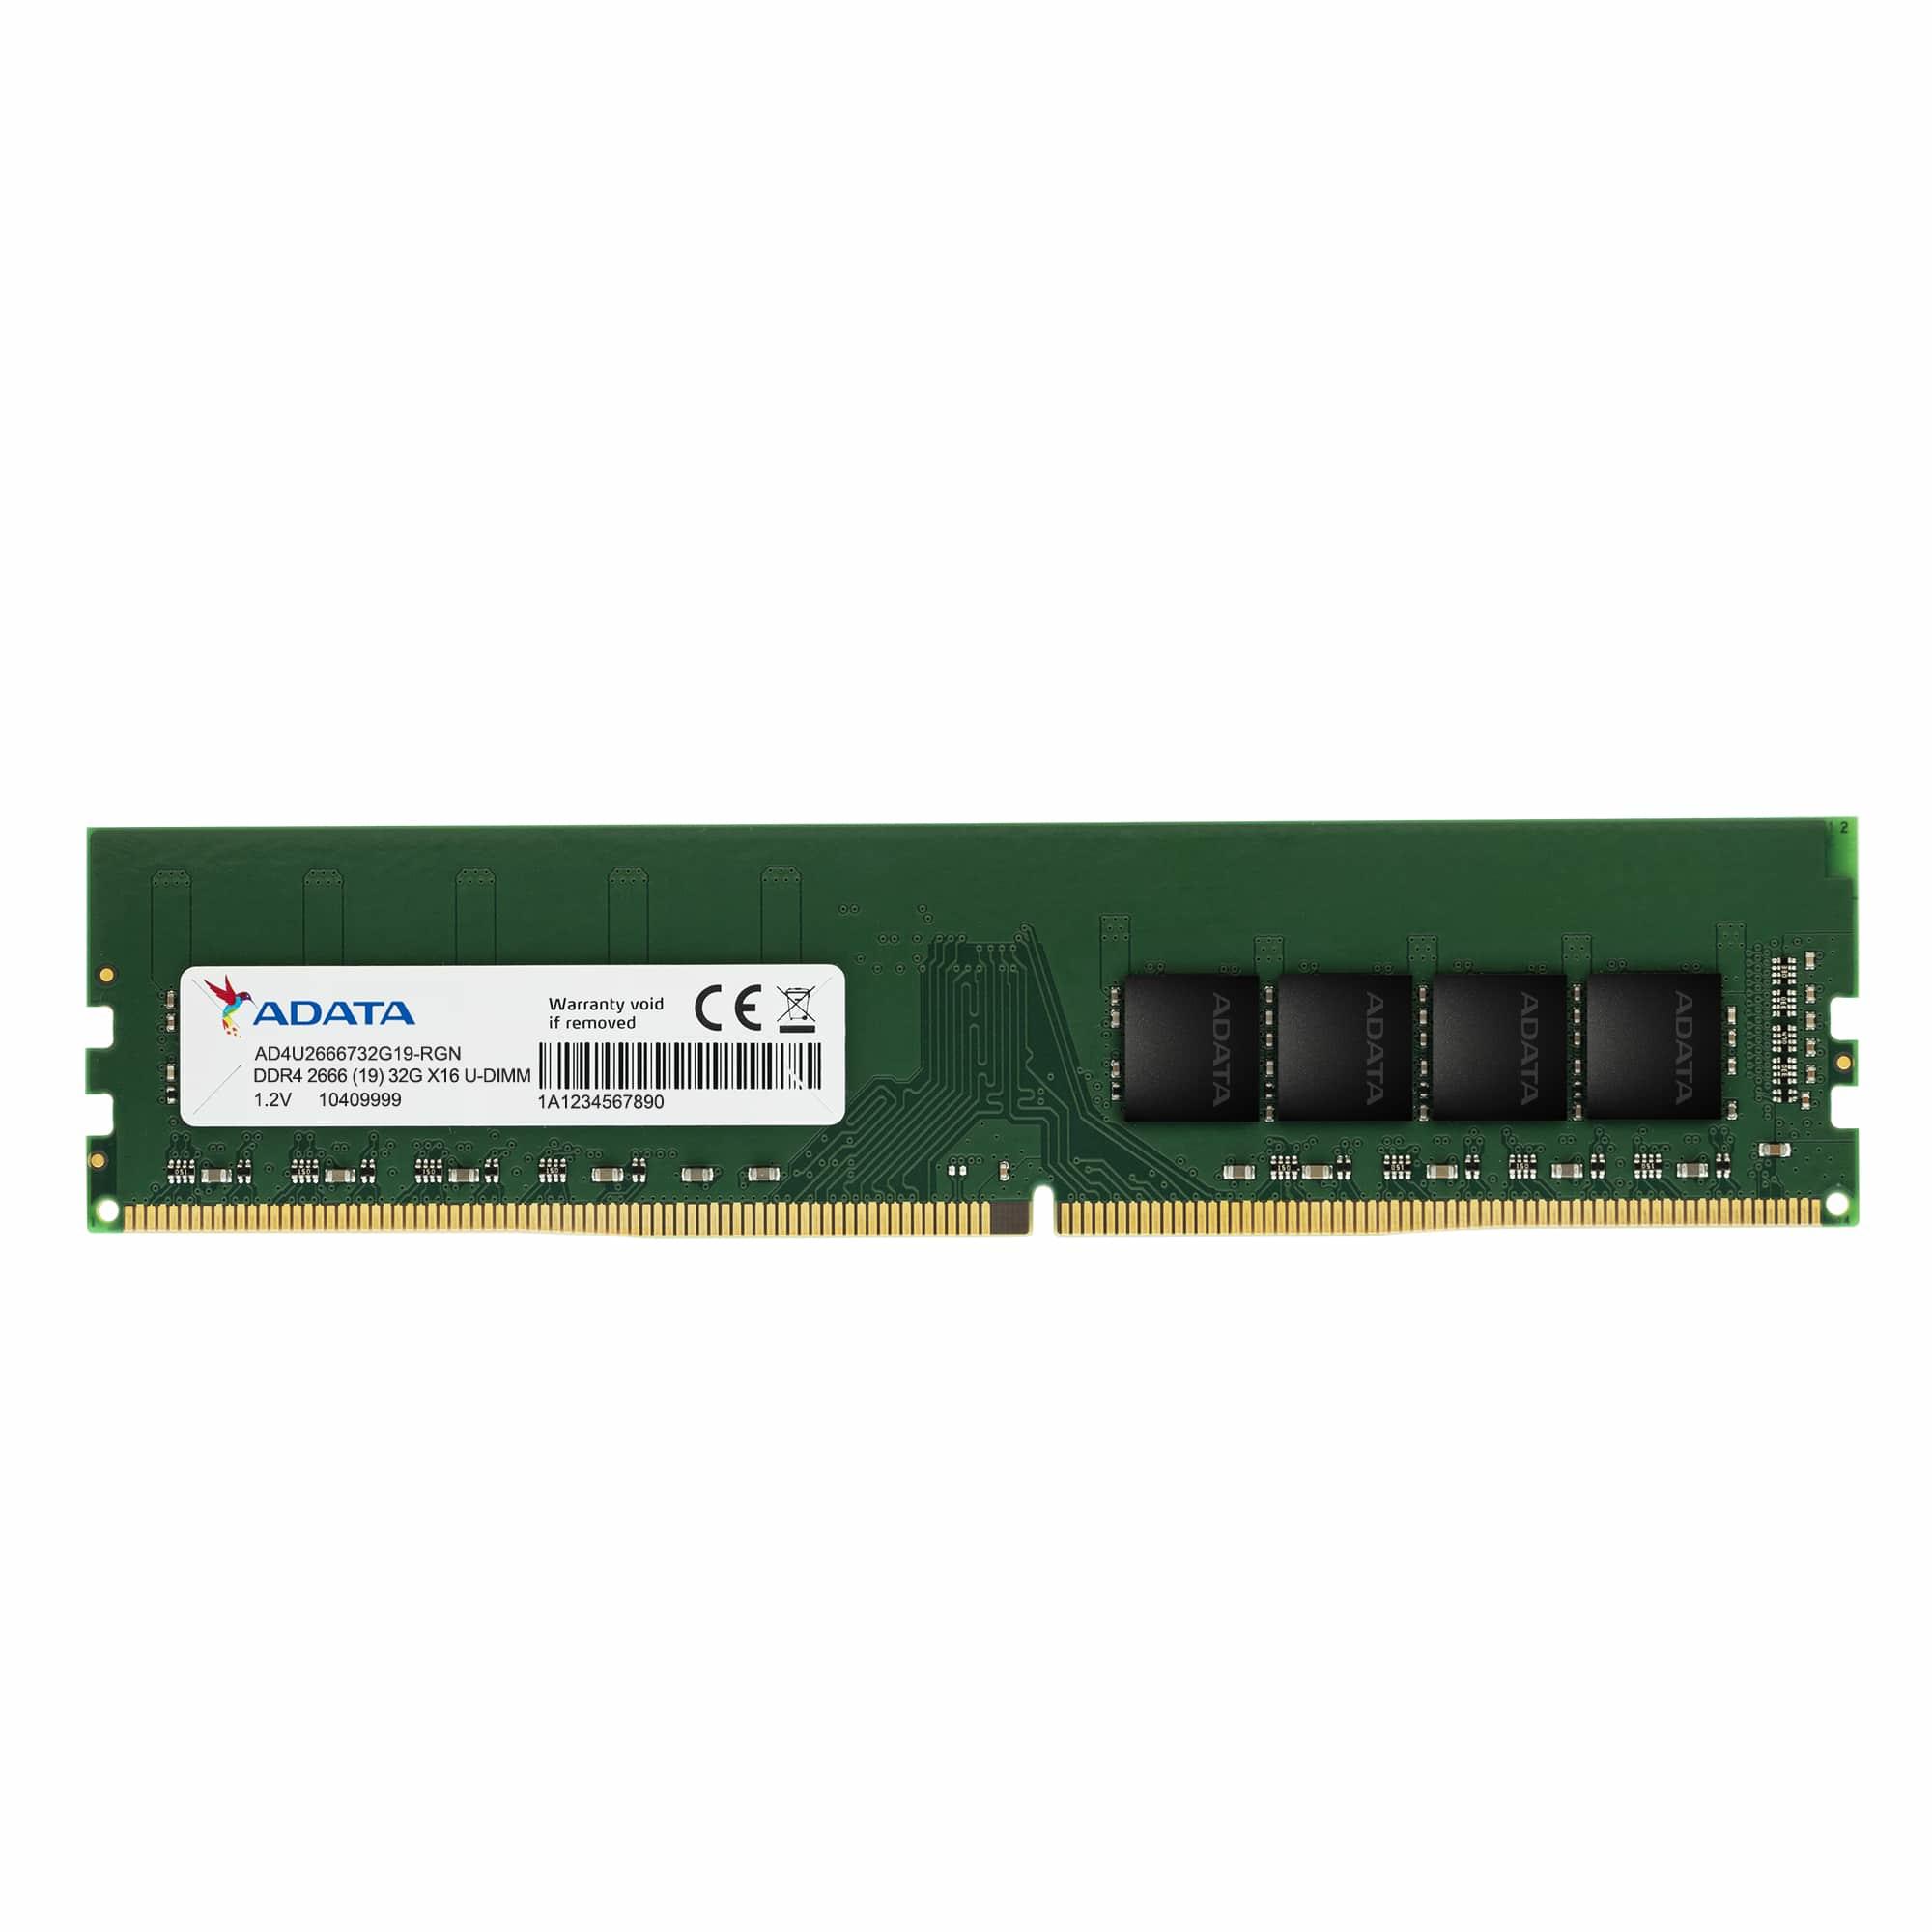 ADATA AD4U266616G19-SGN memory module 16 GB 1 x 16 GB DDR4 2666 MHz